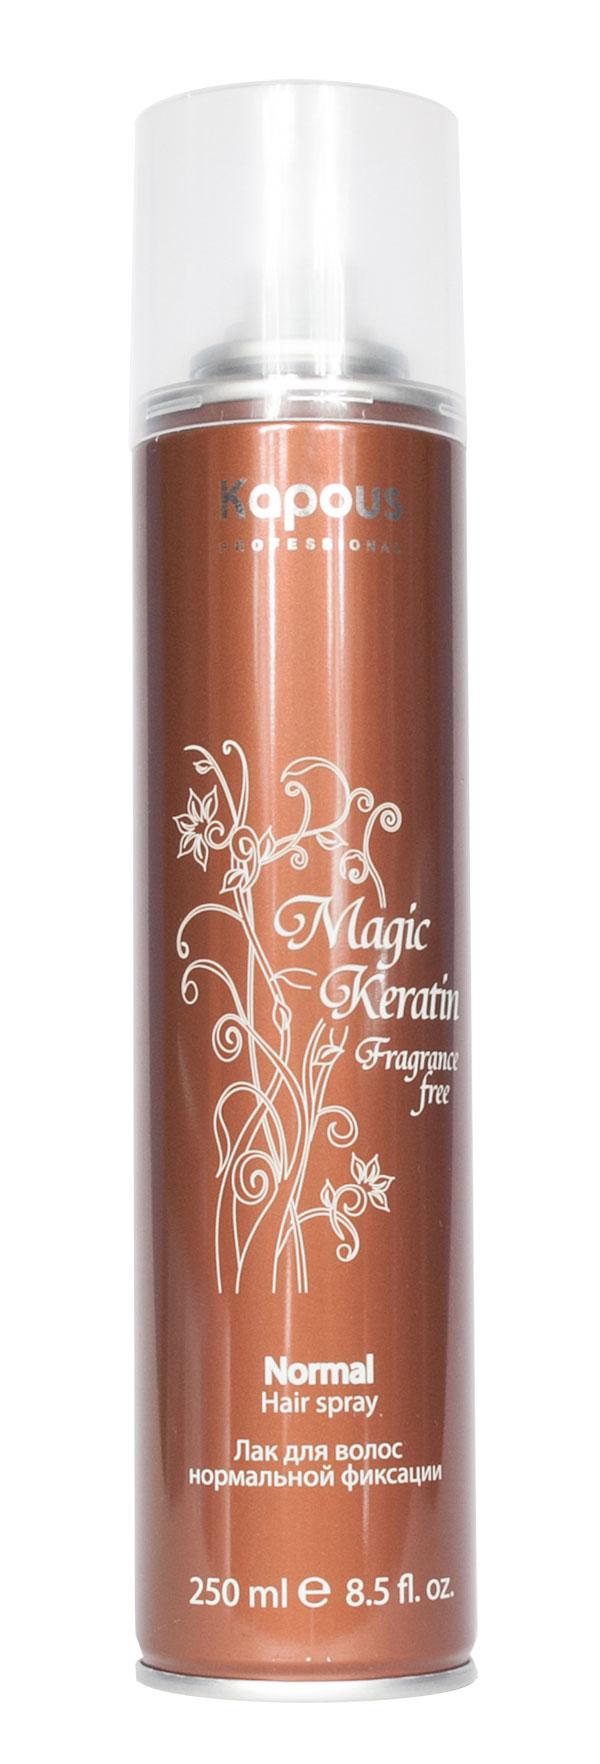 KAPOUS Лак аэрозольный для волос нормальной фиксации с кератином / Magic Keratin 250мл